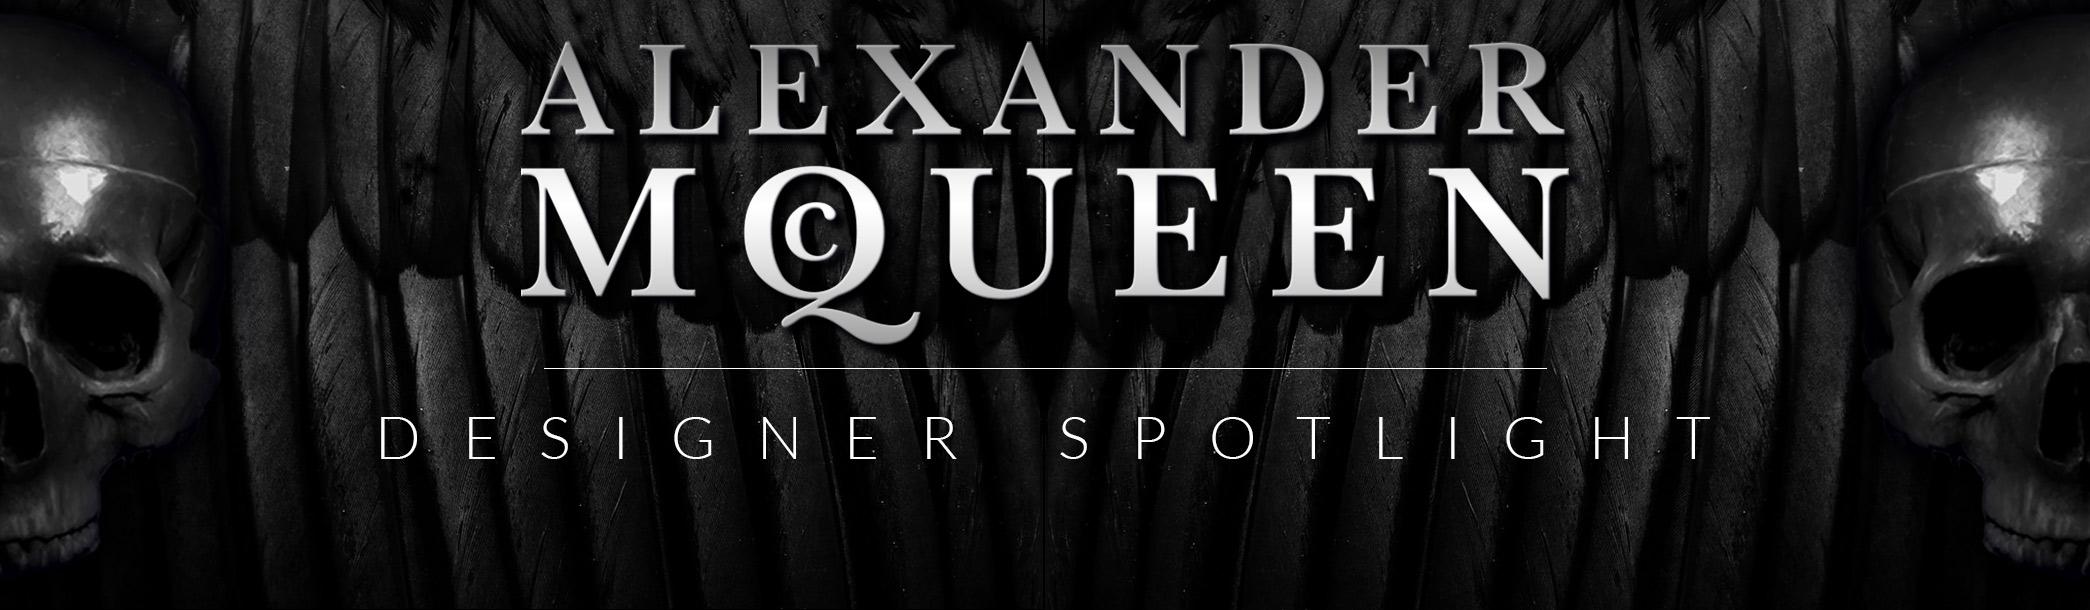 Designer Spotlight: Alexander McQueen